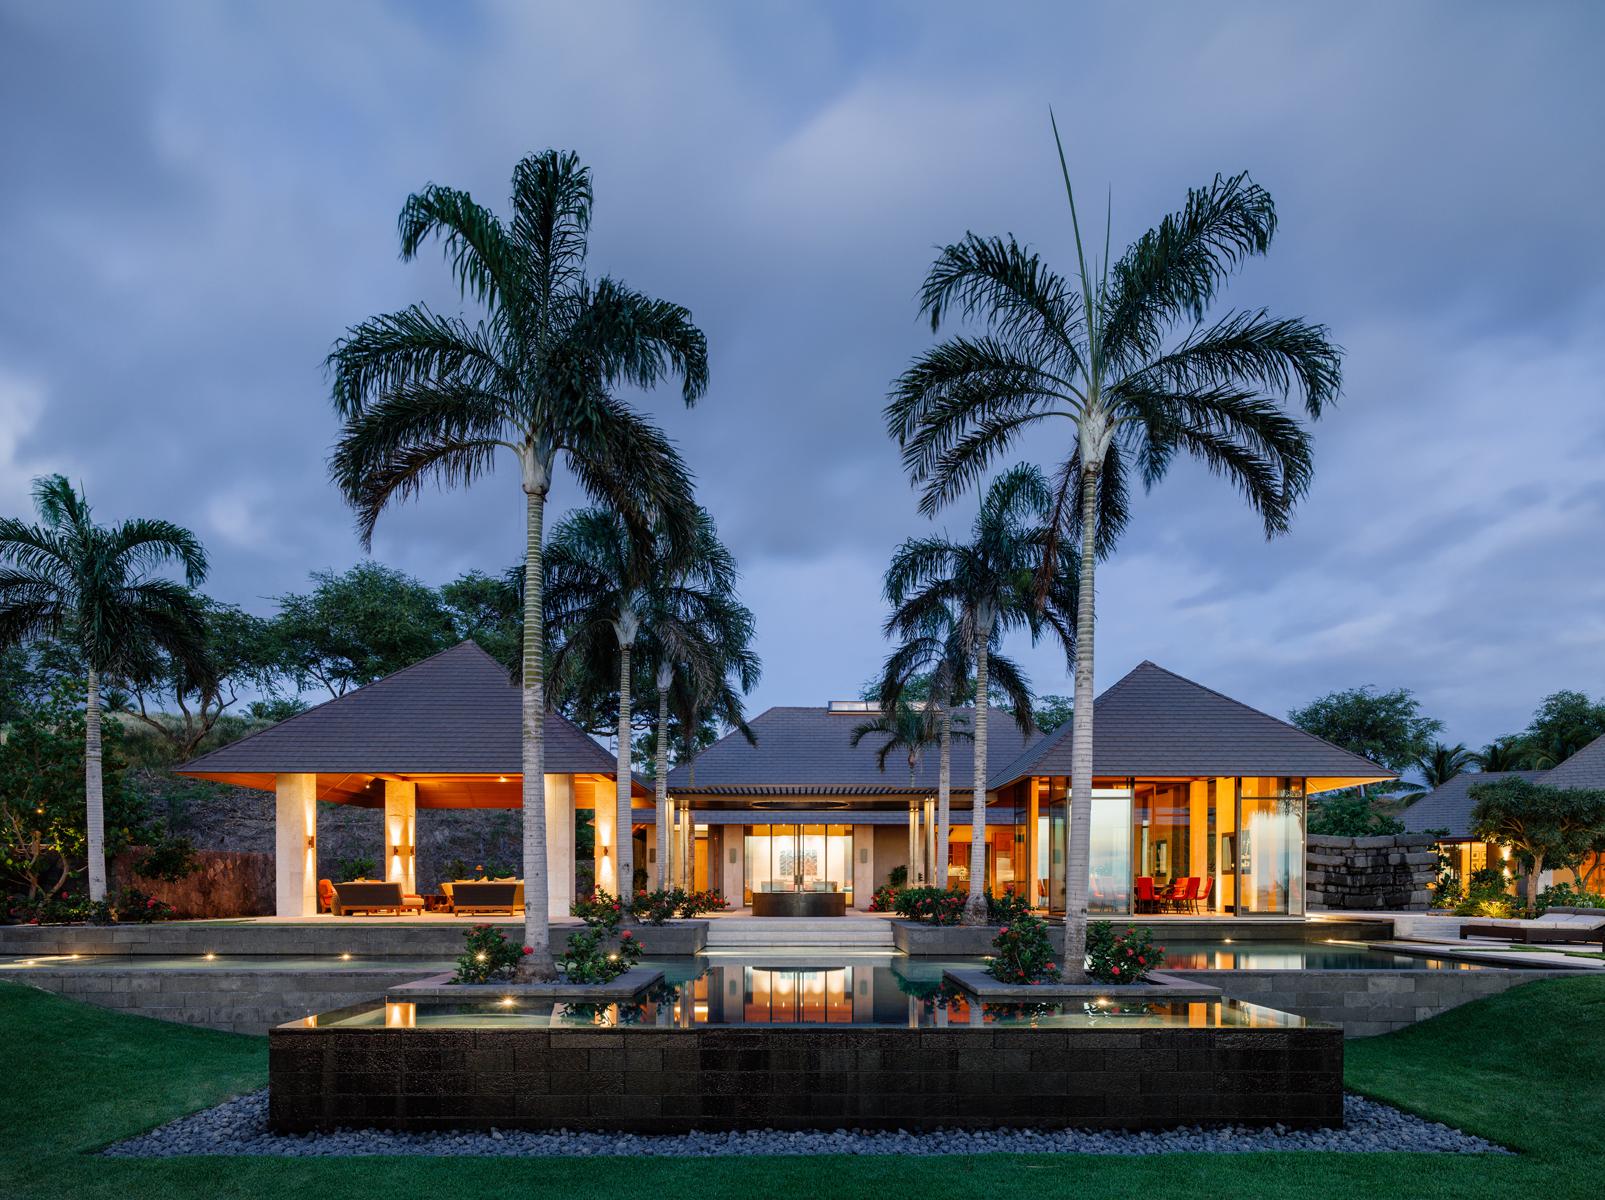 PRIVATE RESIDENCE | South Kohala Coast, Hawaii